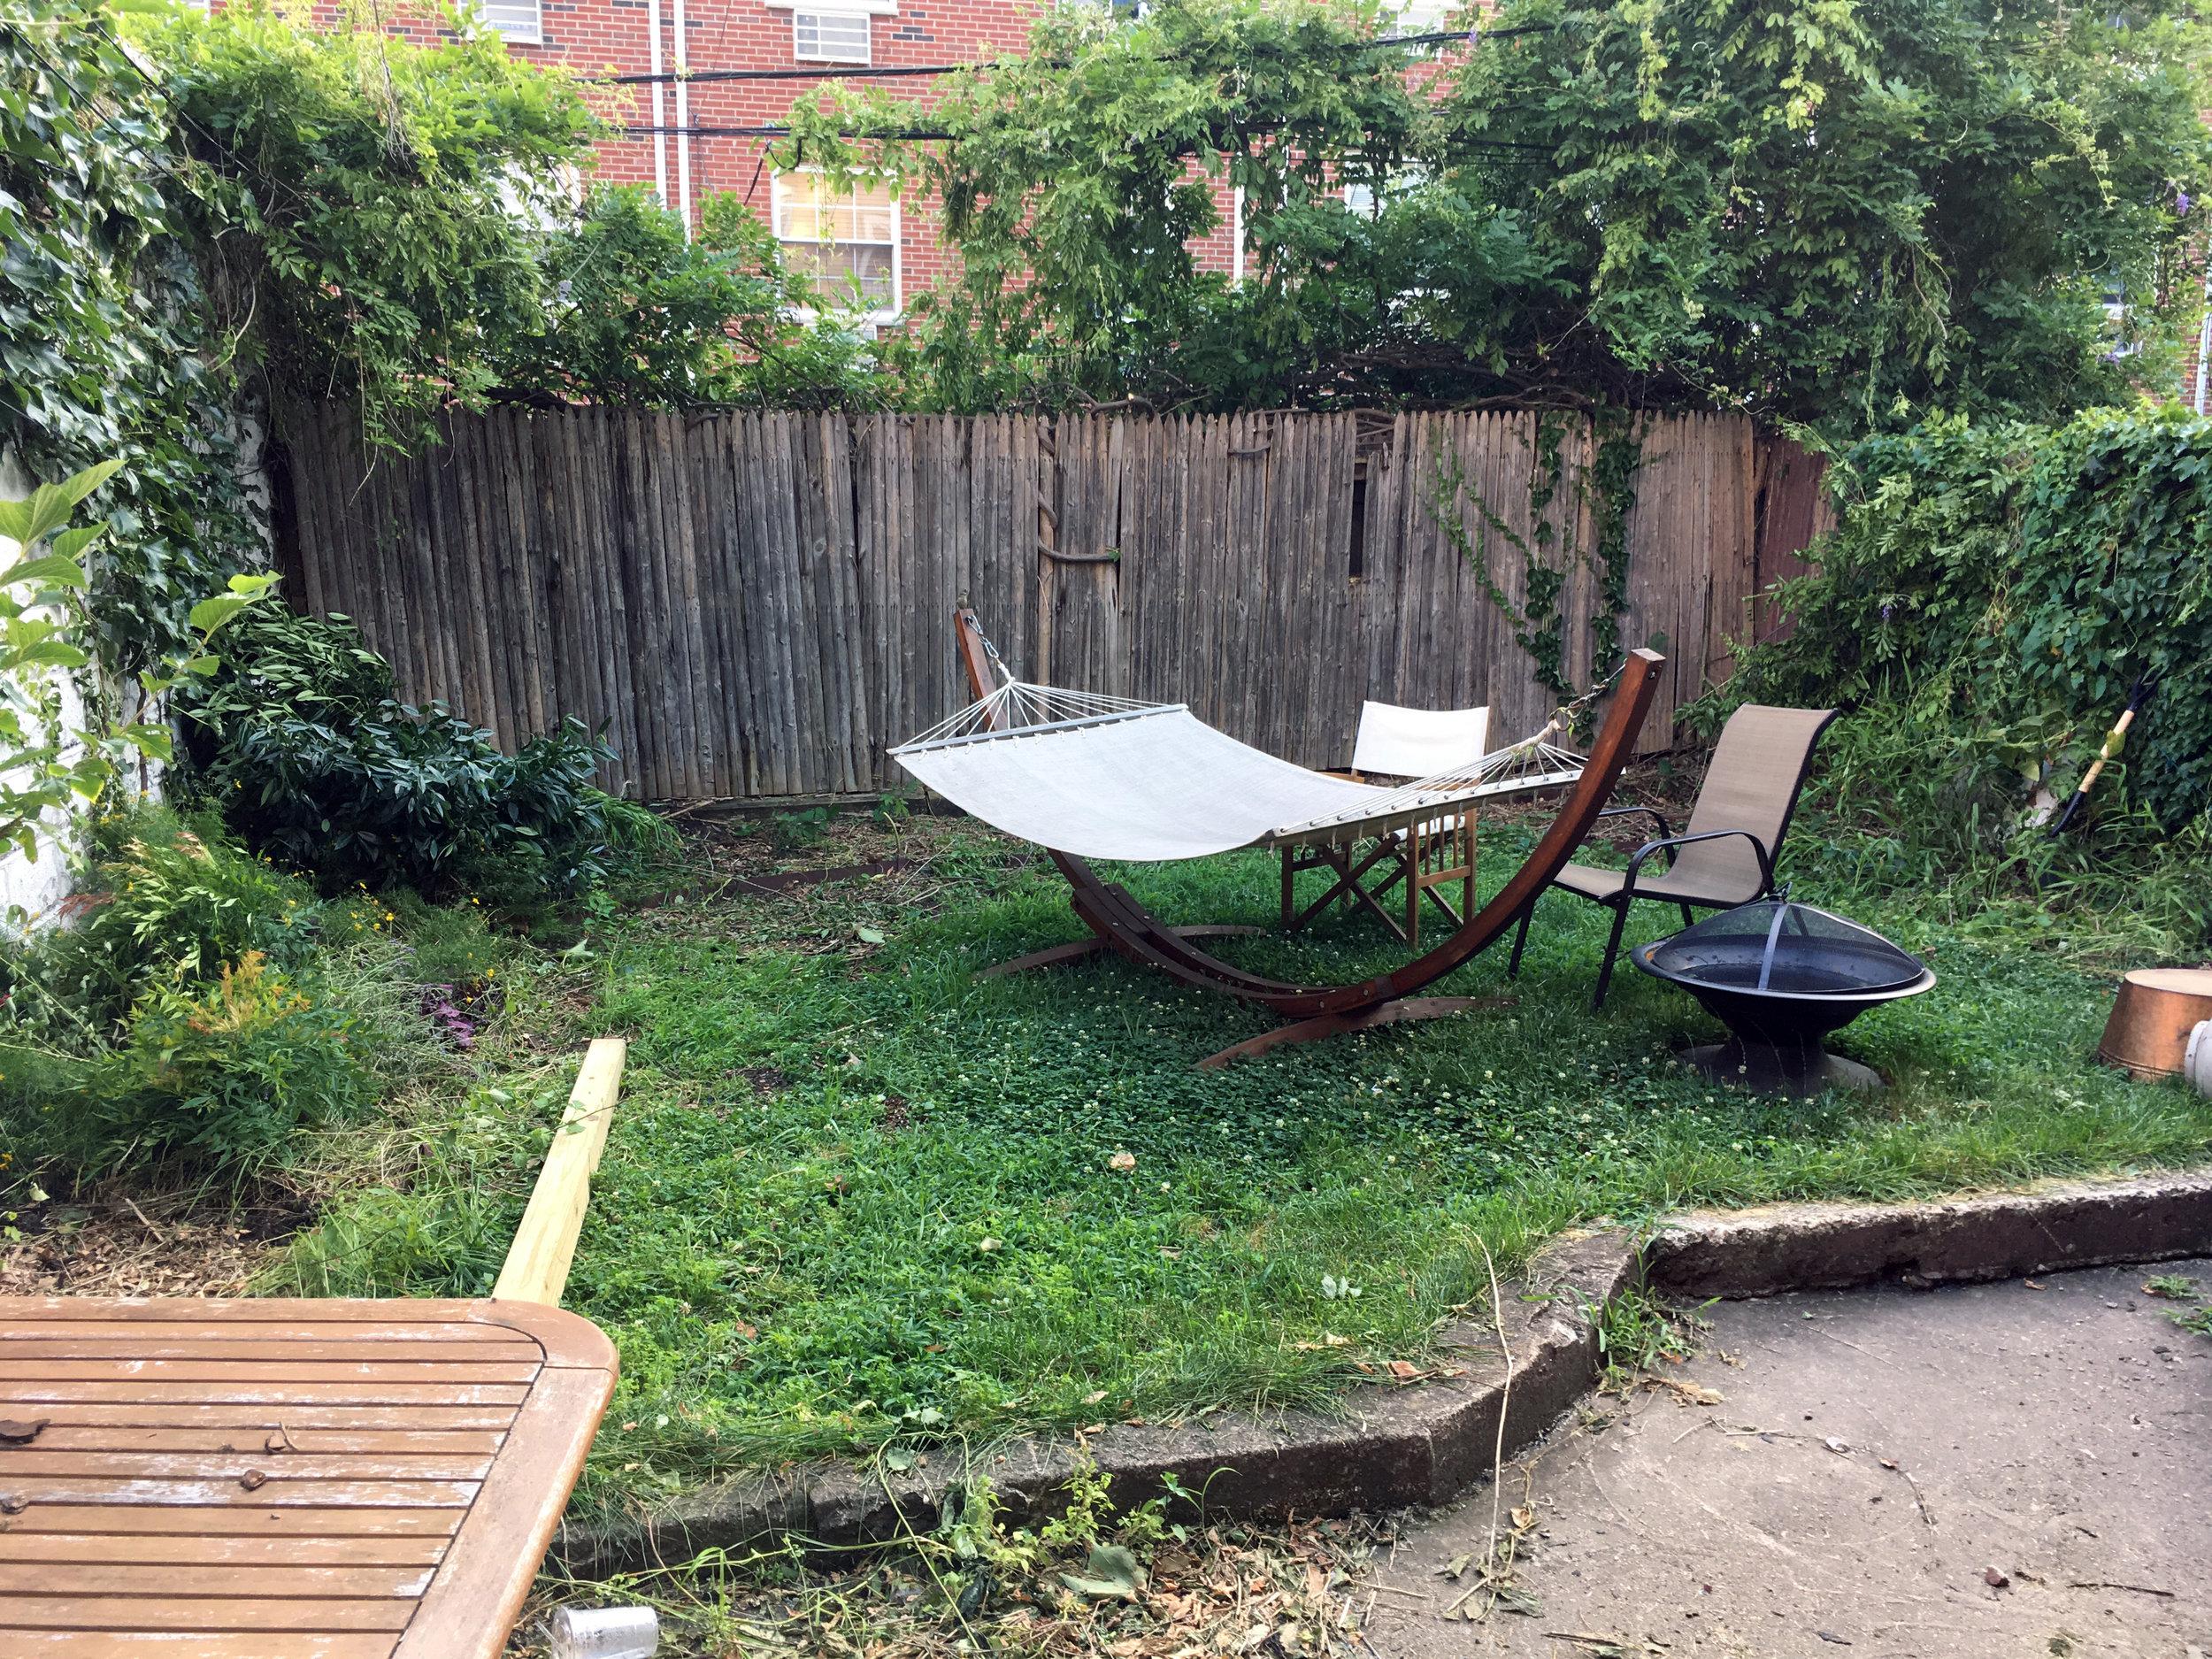 47Orient_BEFORE_Backyard_1.jpg